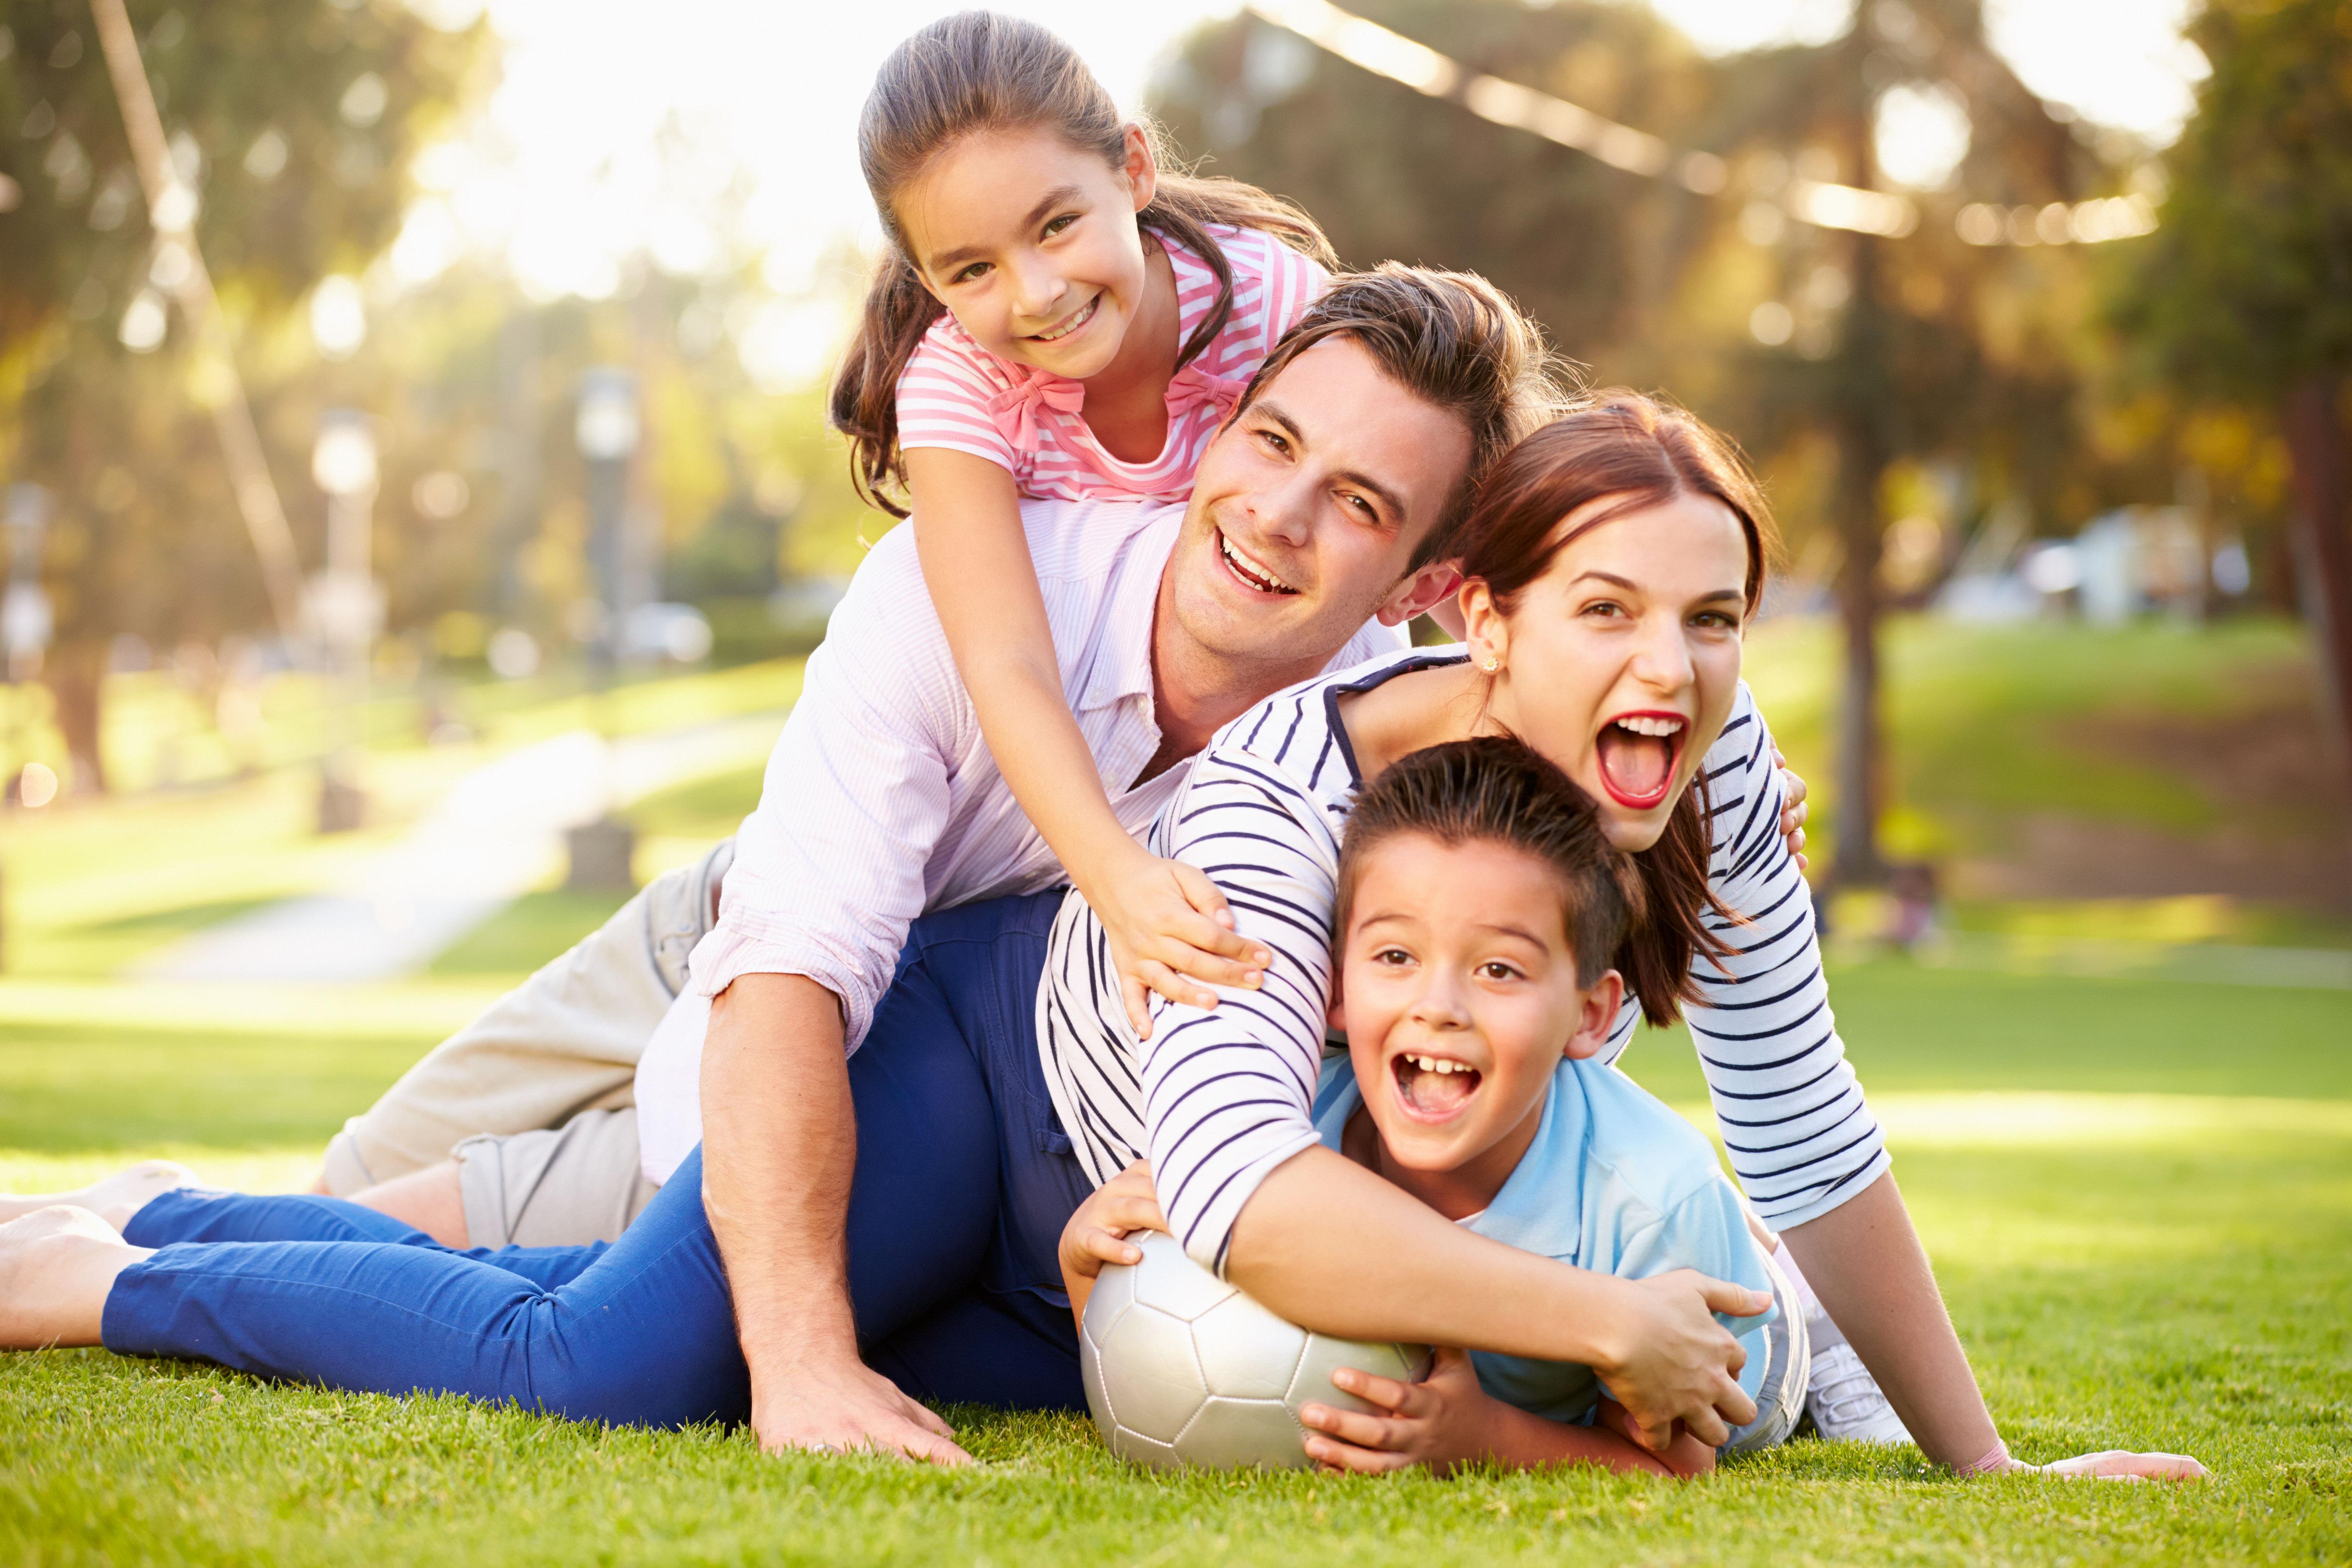 картинки счастливой семьи с детьми мастикой стиле зеленки